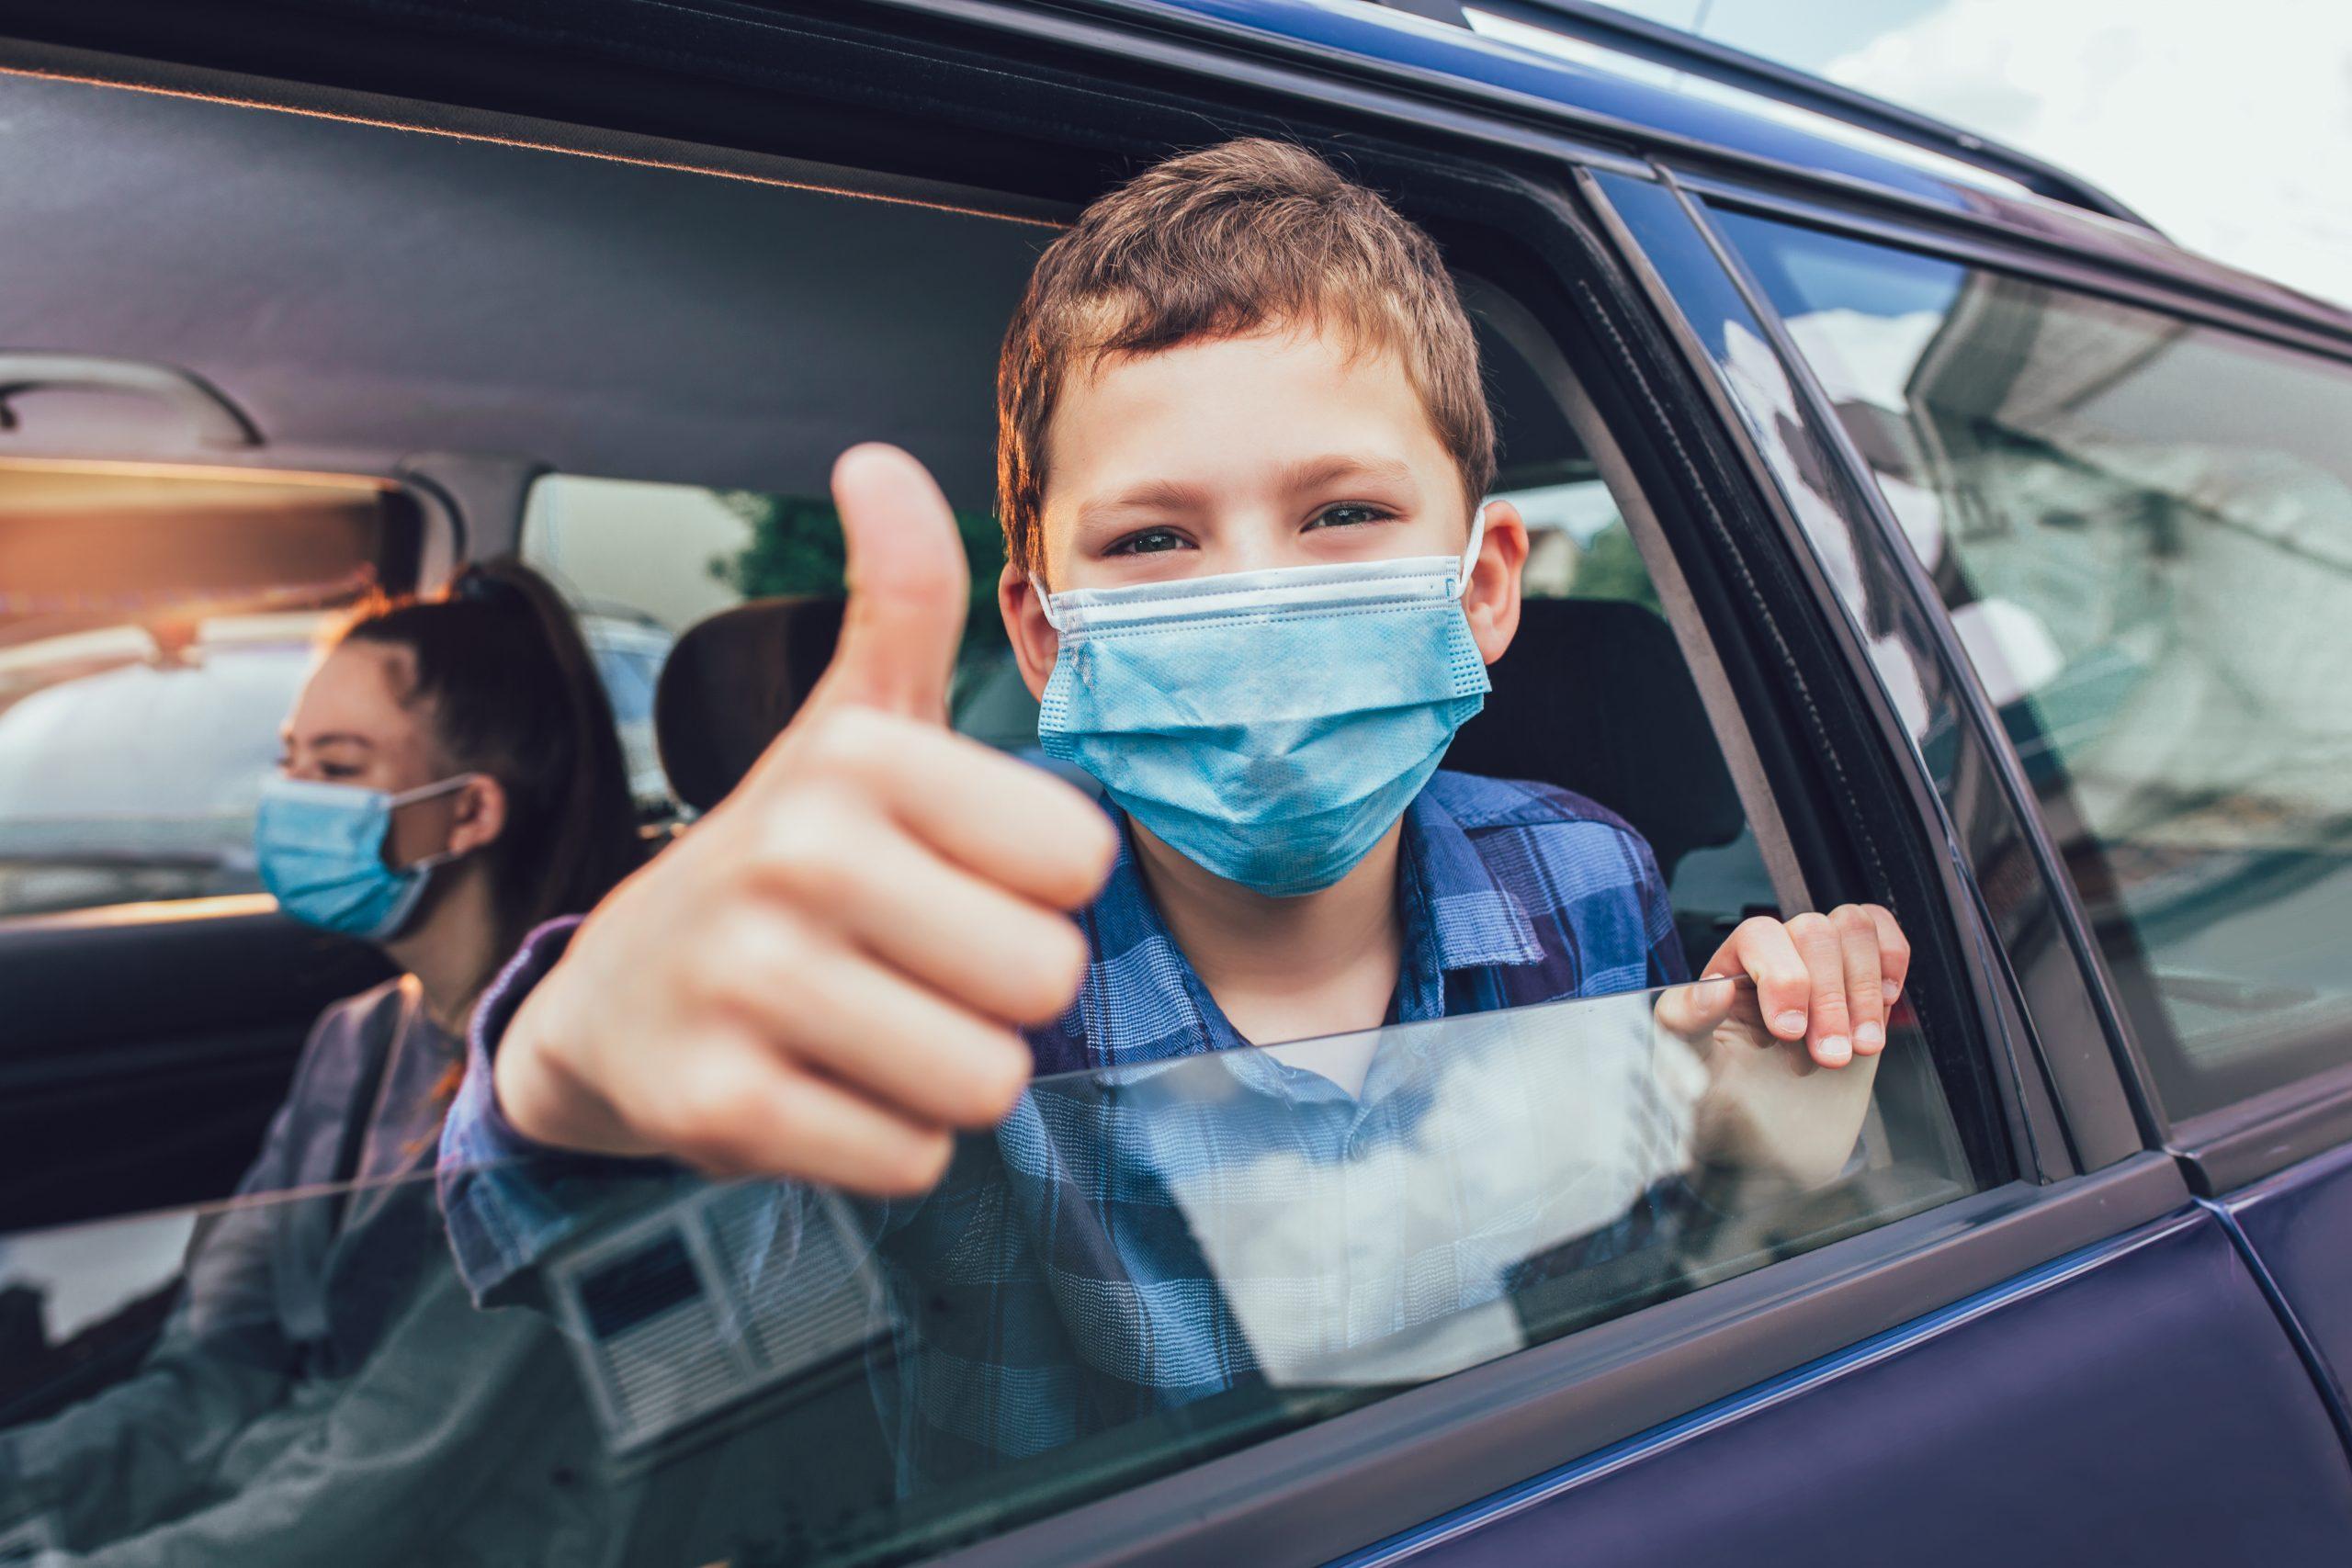 Pandemi Döneminde Çocuklara Nasıl Destek Olunmalı?